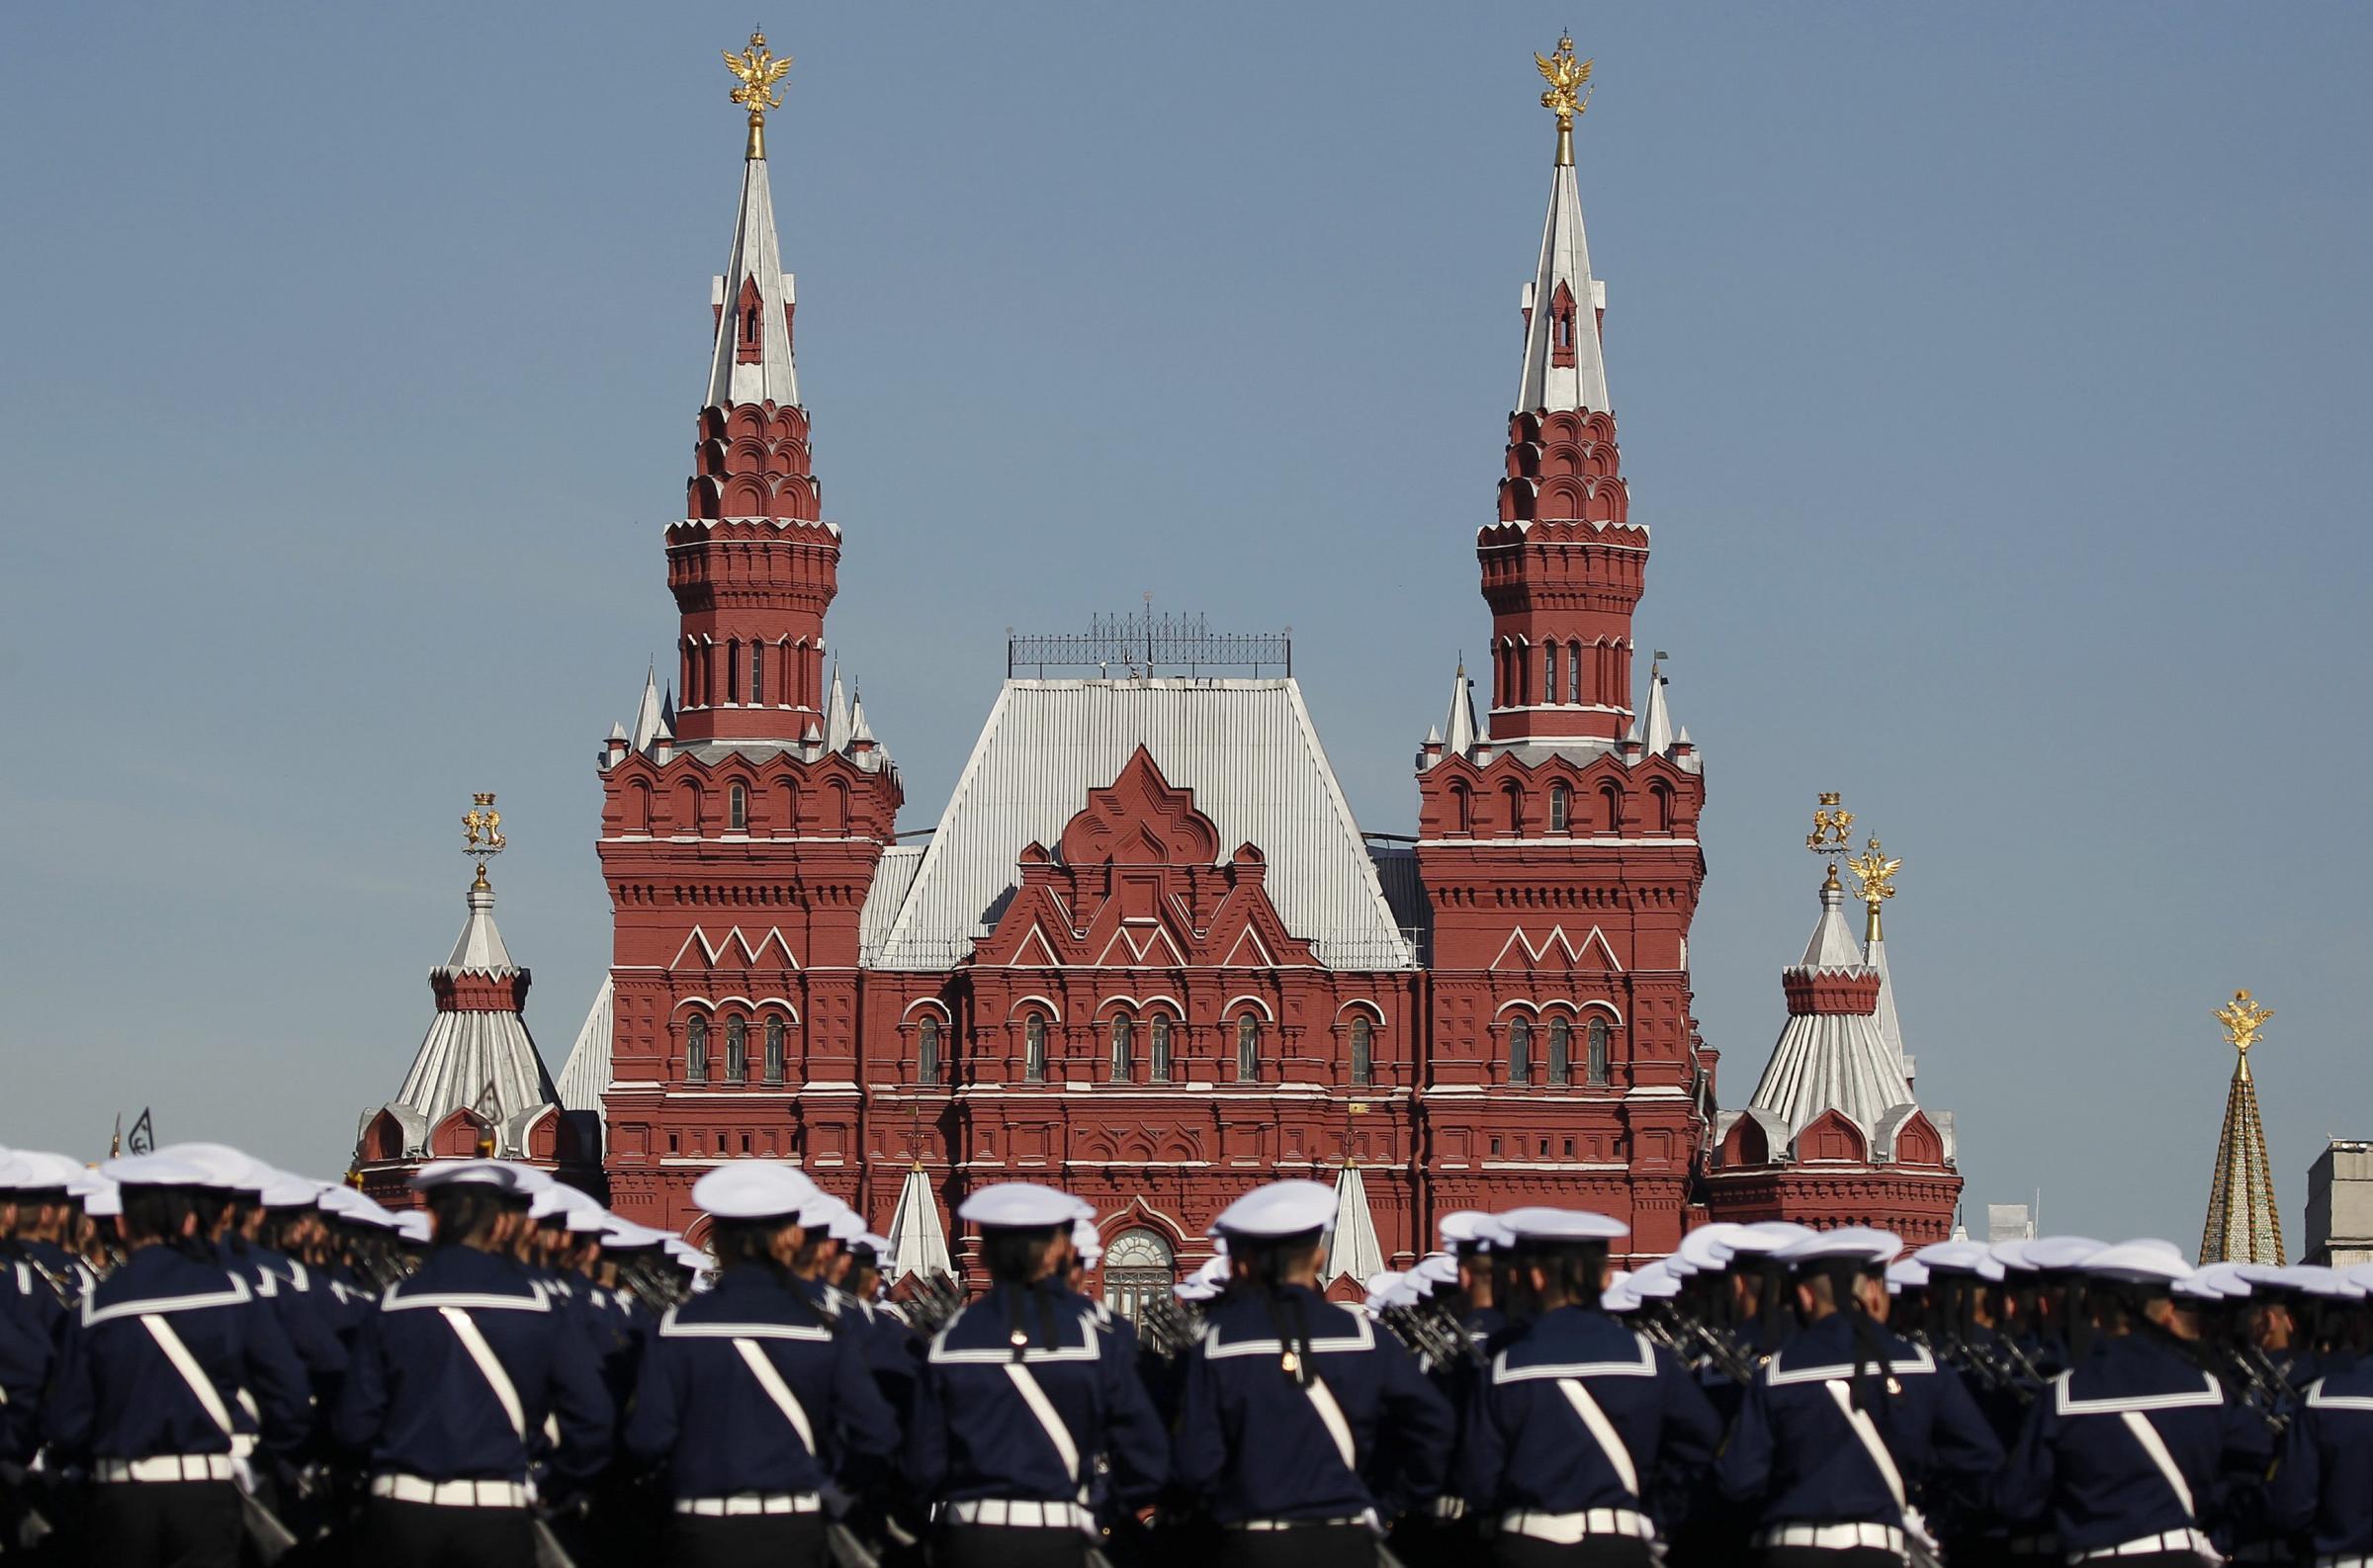 相较于俄罗斯,中国不怕美国打压的核心原因是什么